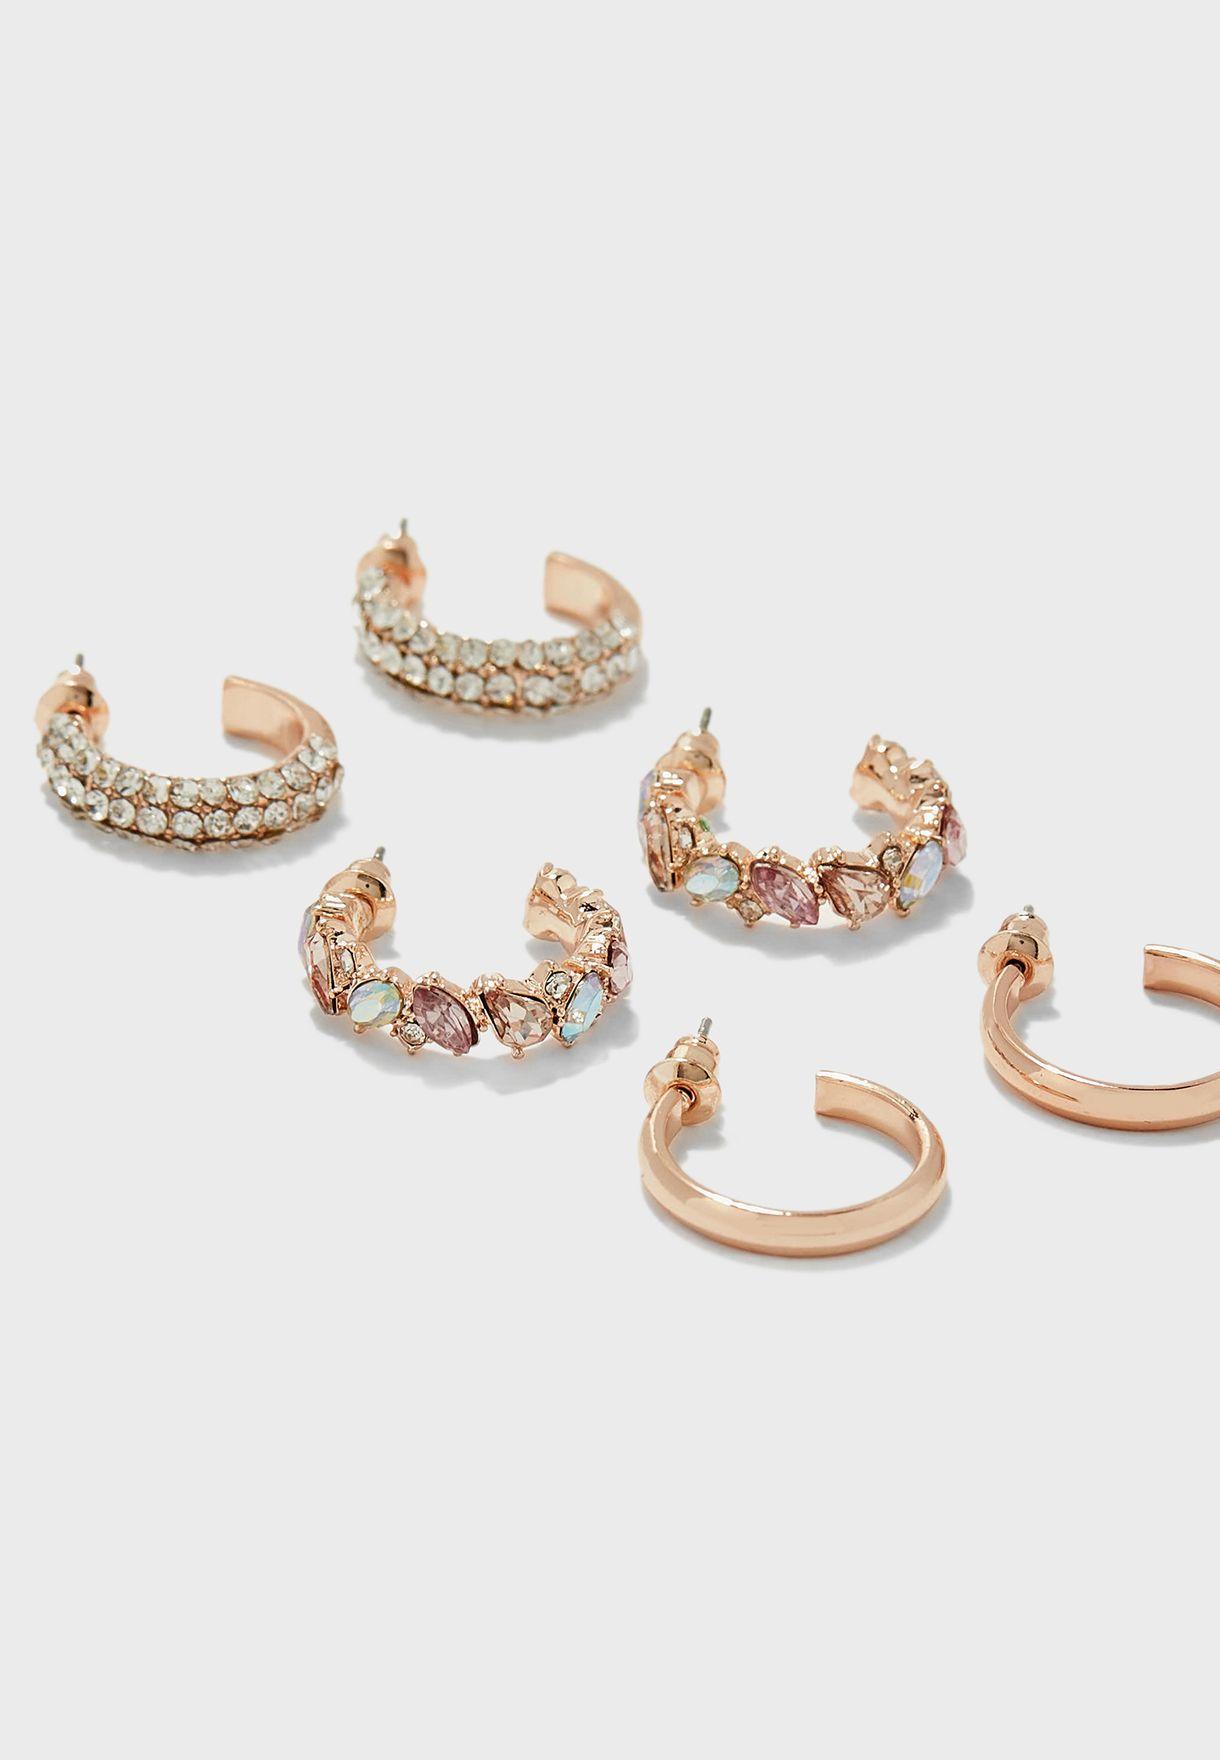 6 Pack Stud & Hoop Earrings